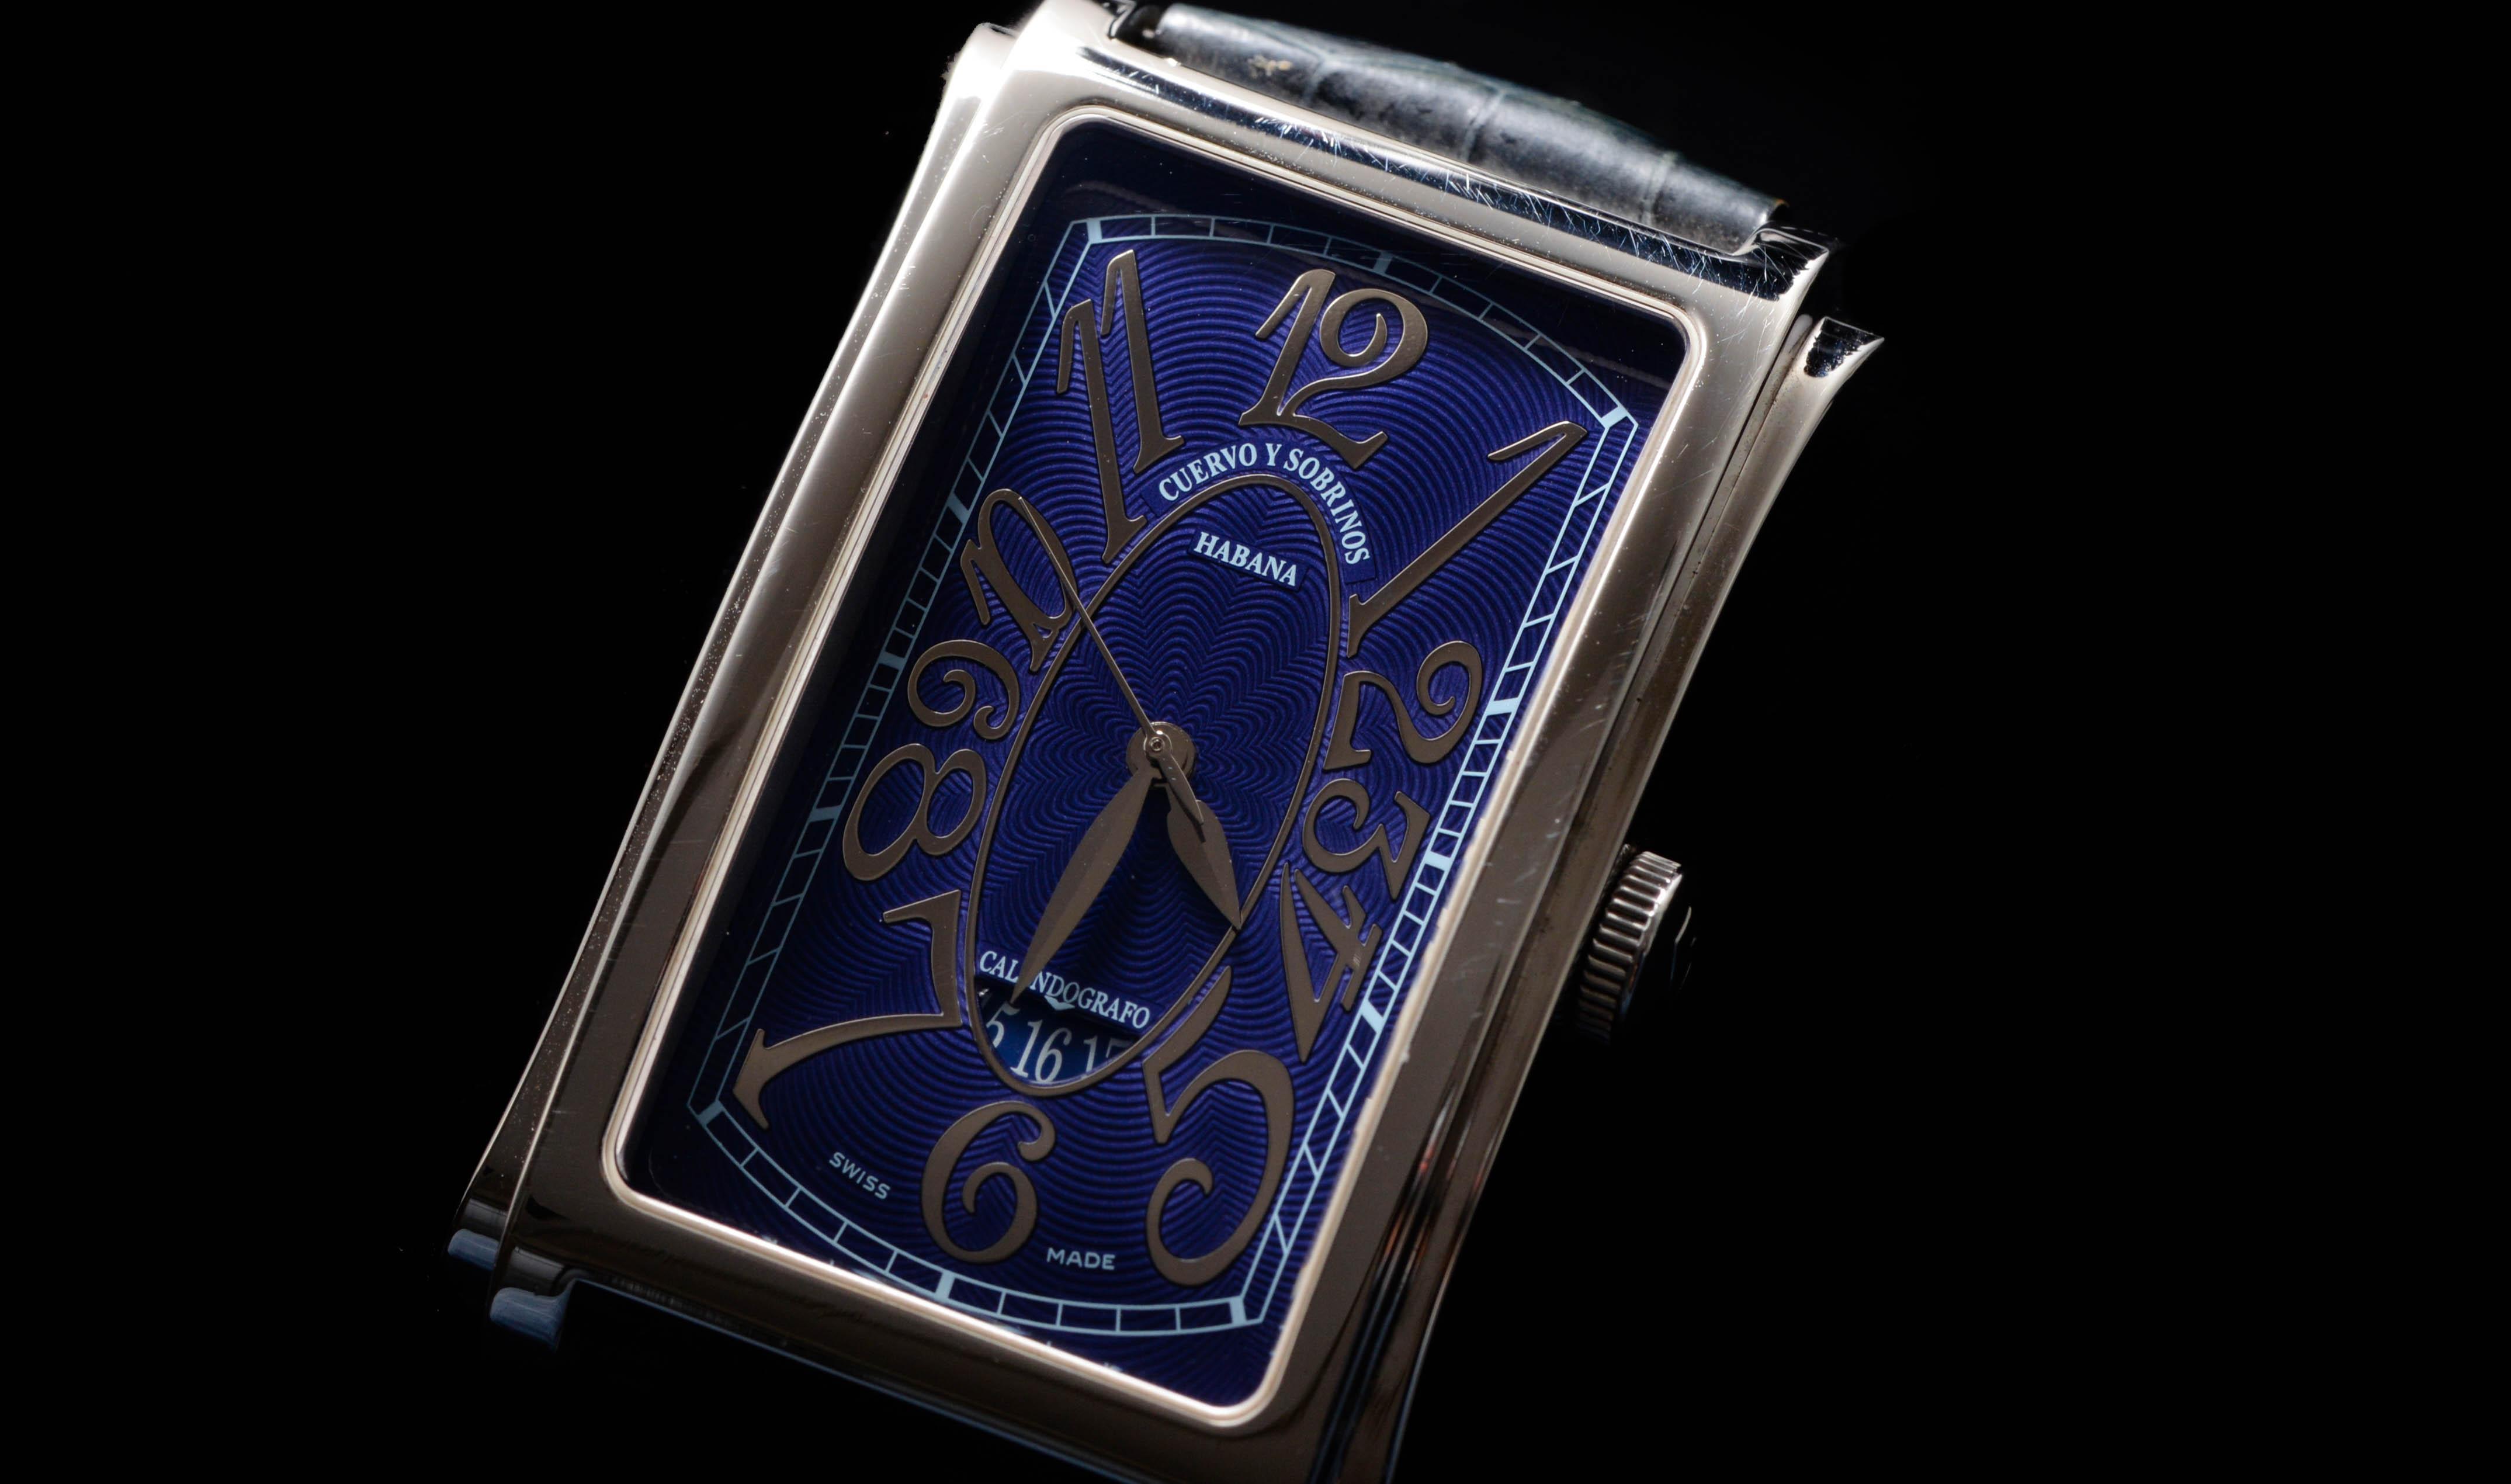 S.Hさんの腕時計はクエルボ・イ・ソブリノス プロミネンテ A1012 NUM 38409